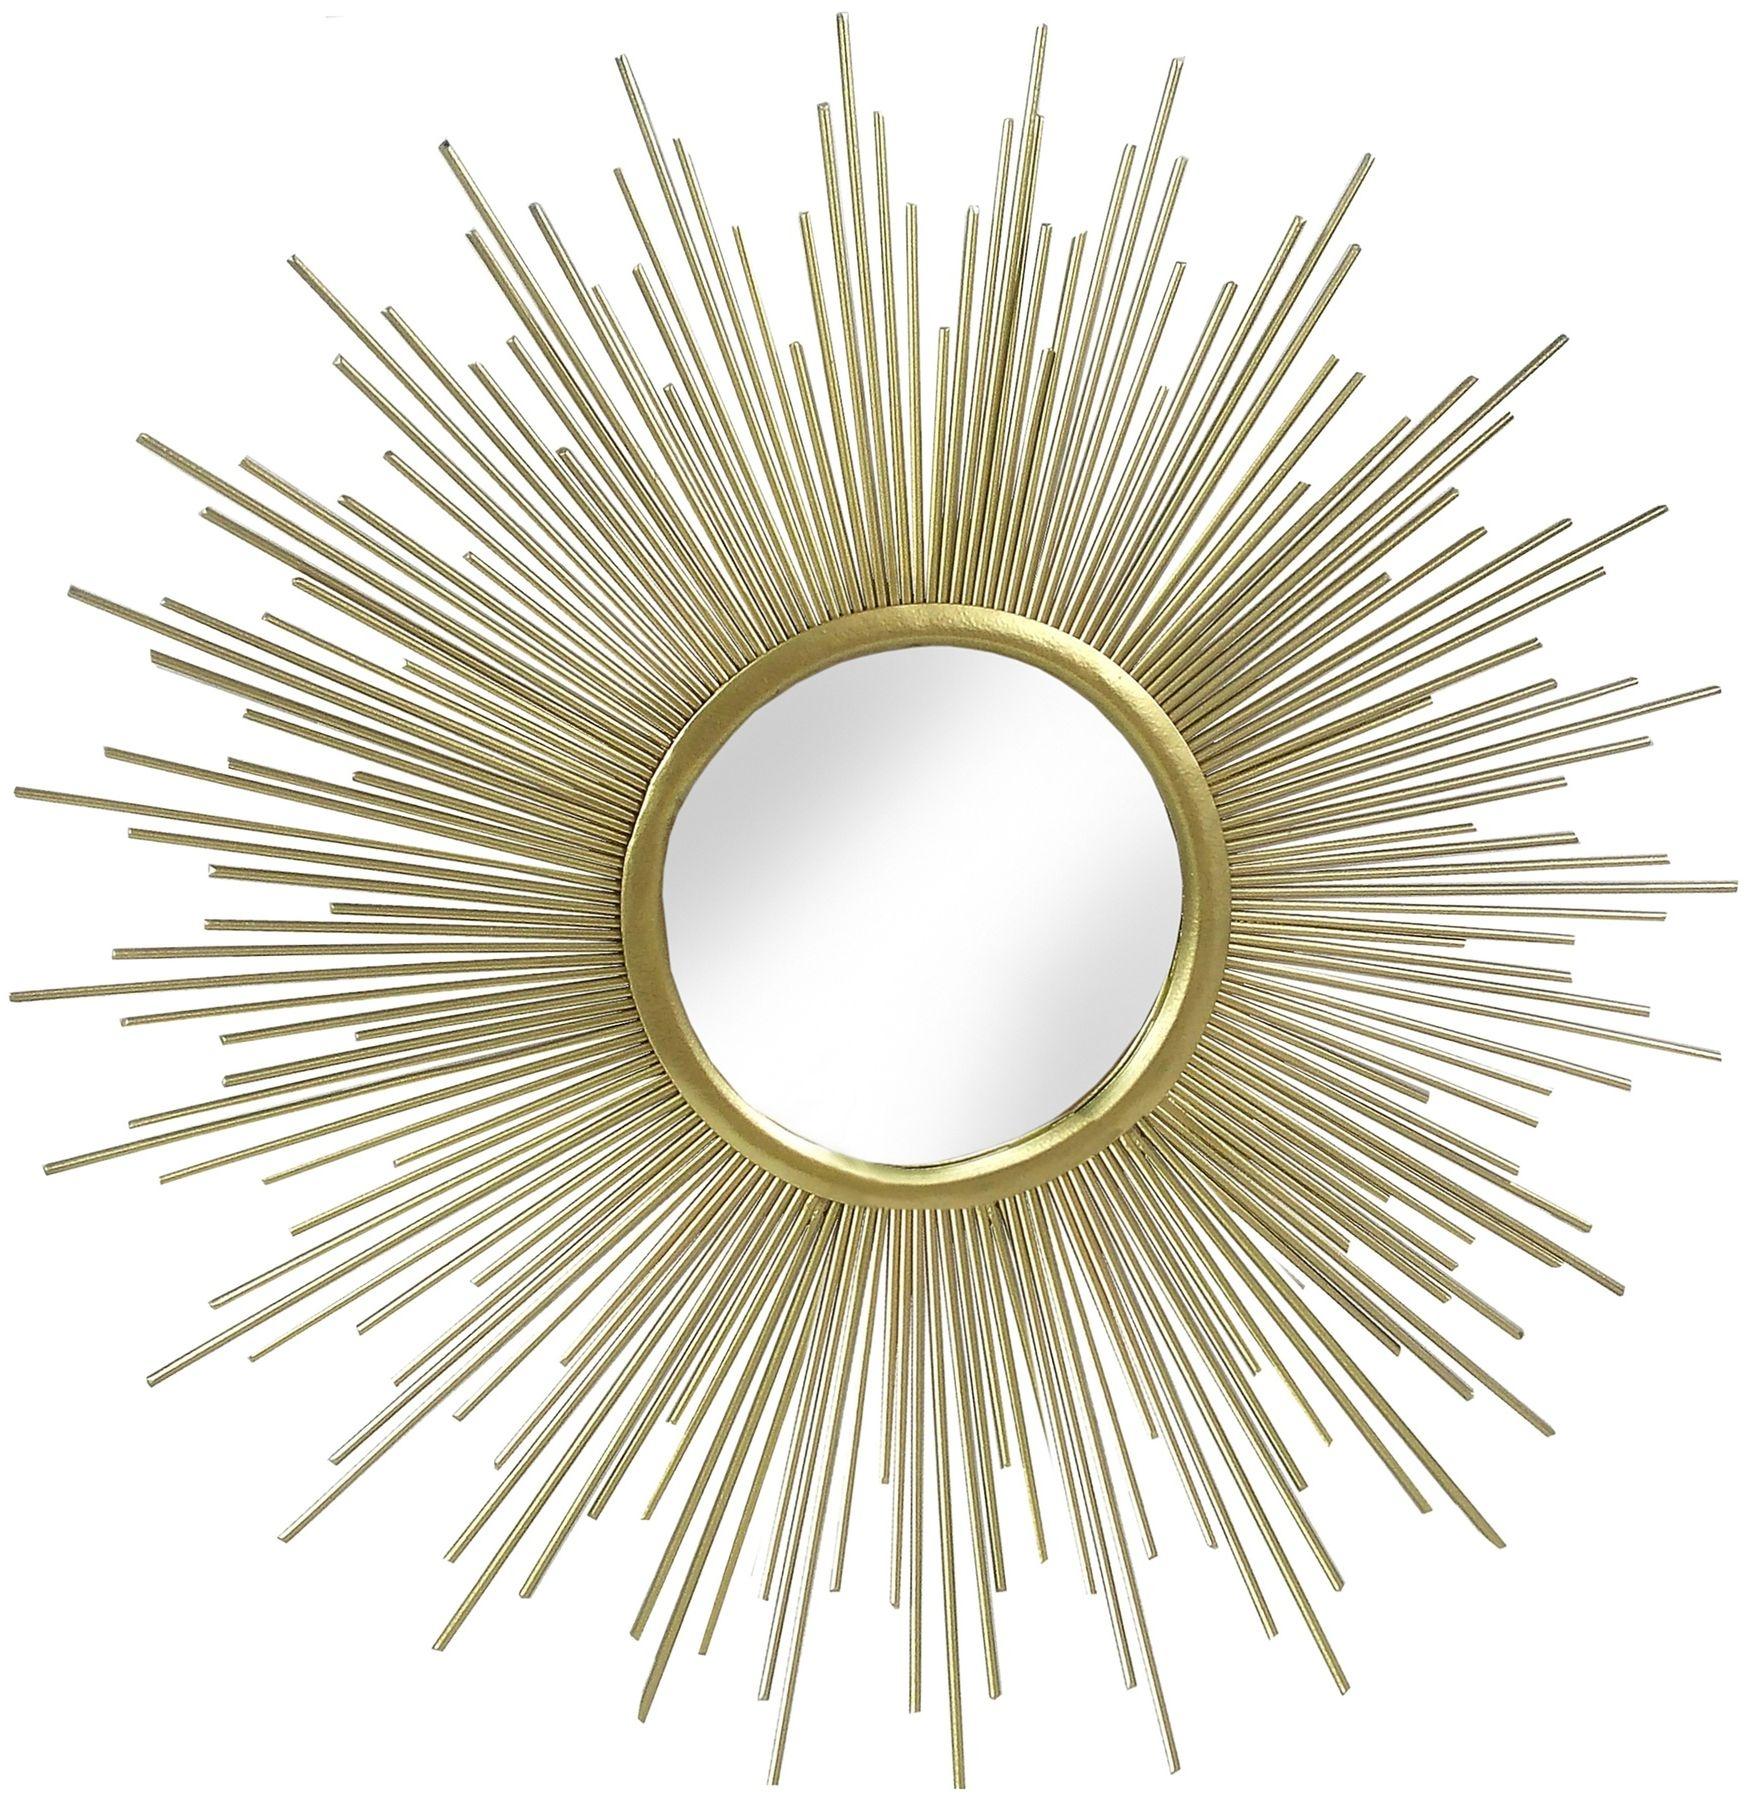 Hill Interiors Rising Sun Gold Metal Wall Art Mirror : 3 Rising Sun Gold Metal Wall Art Mirror from furniturecompare.uk size 1751 x 1800 jpeg 1345kB